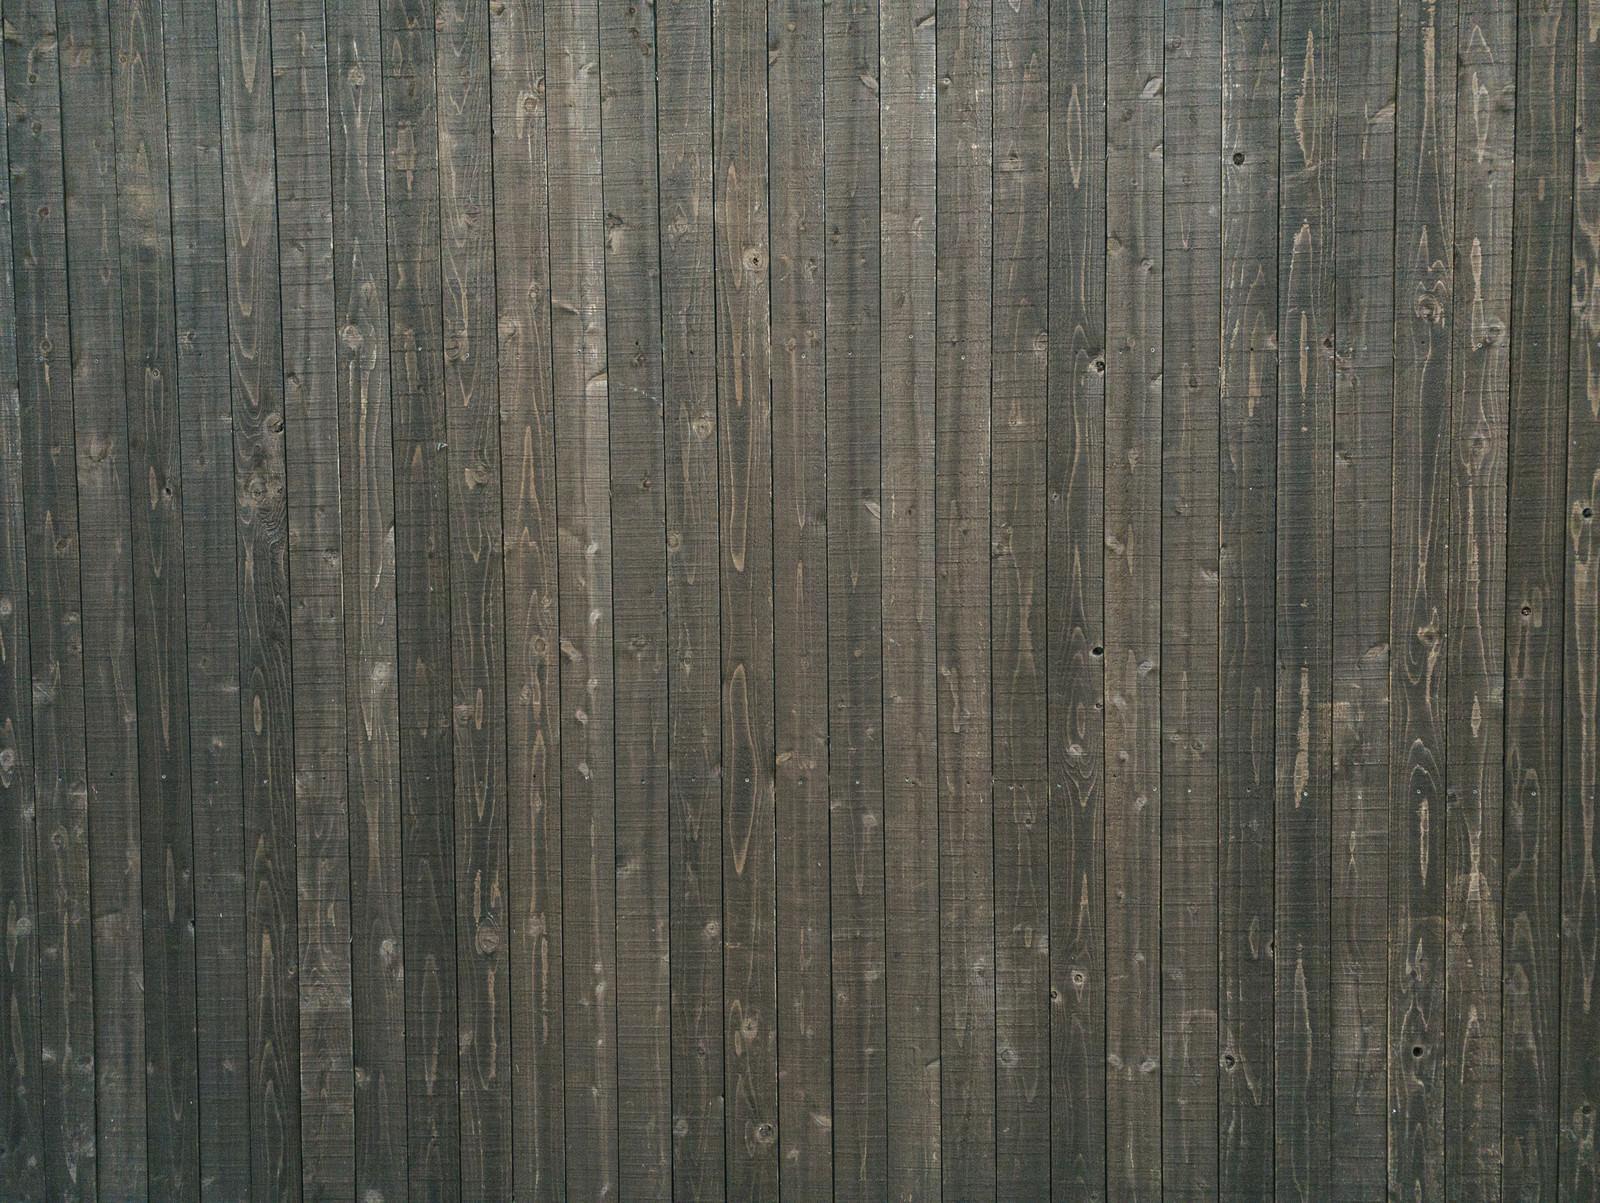 「木の塀(テクスチャ)」の写真